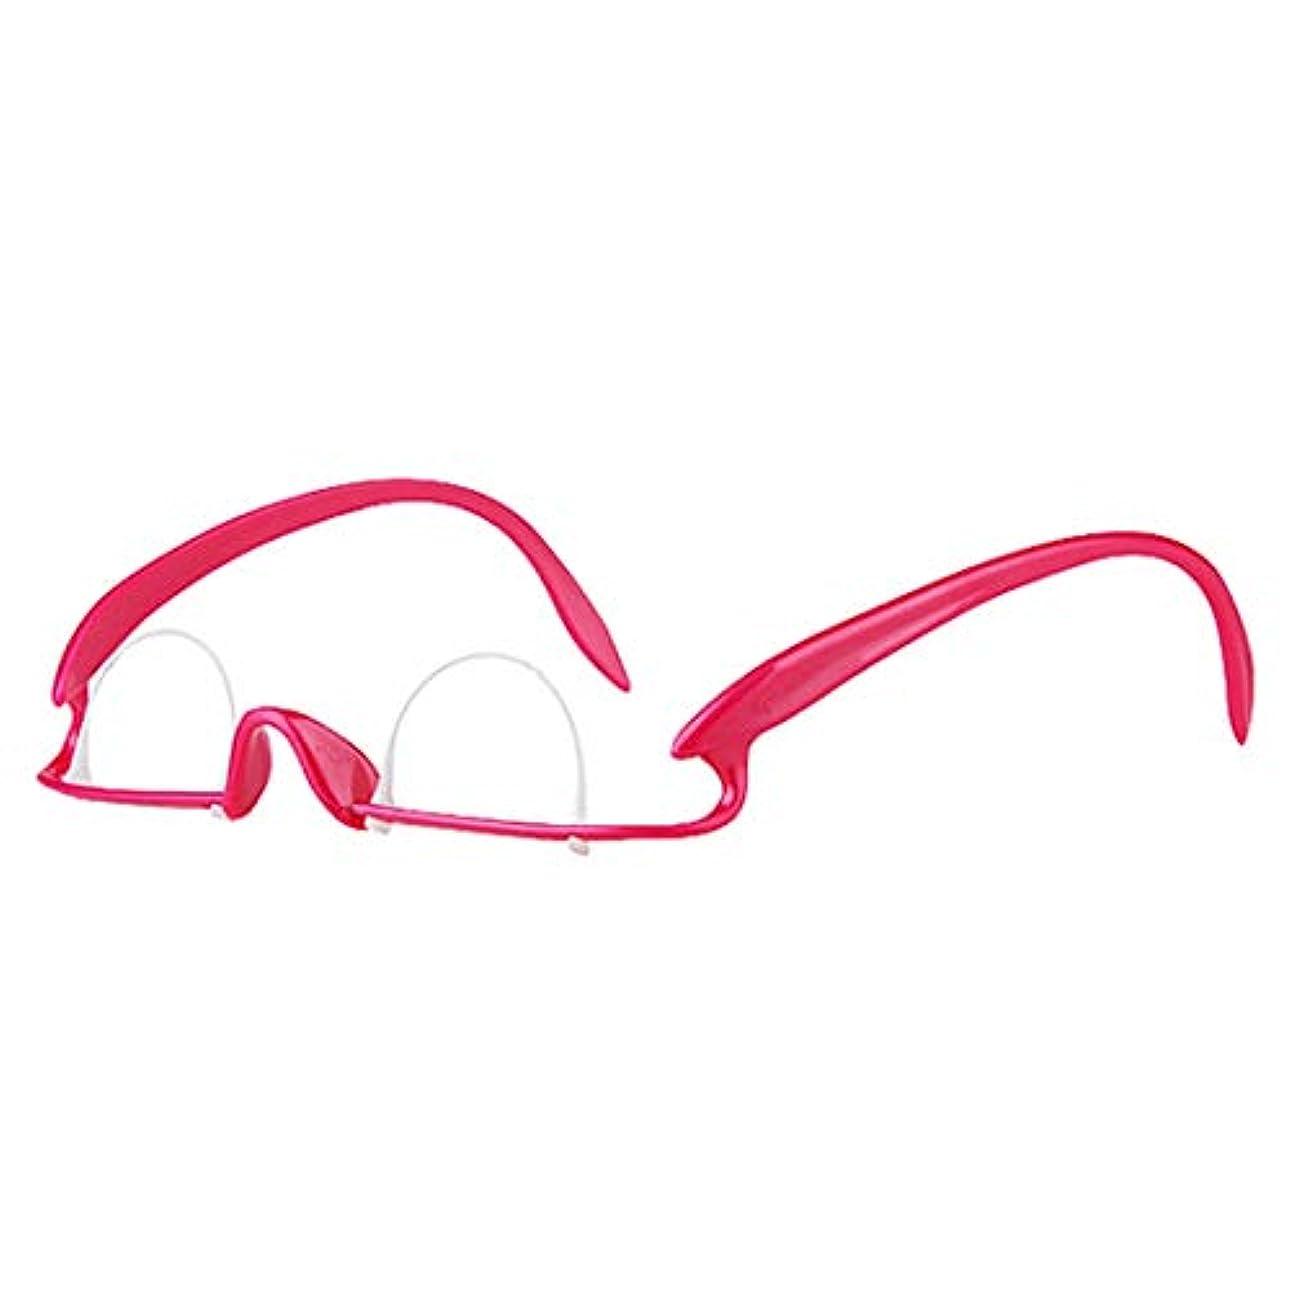 警察教義オーストラリア億騰 二重まぶた用メガネ 二重まぶた運動 二重まぶた形成 二重まぶた運動器 メガネトレーナー